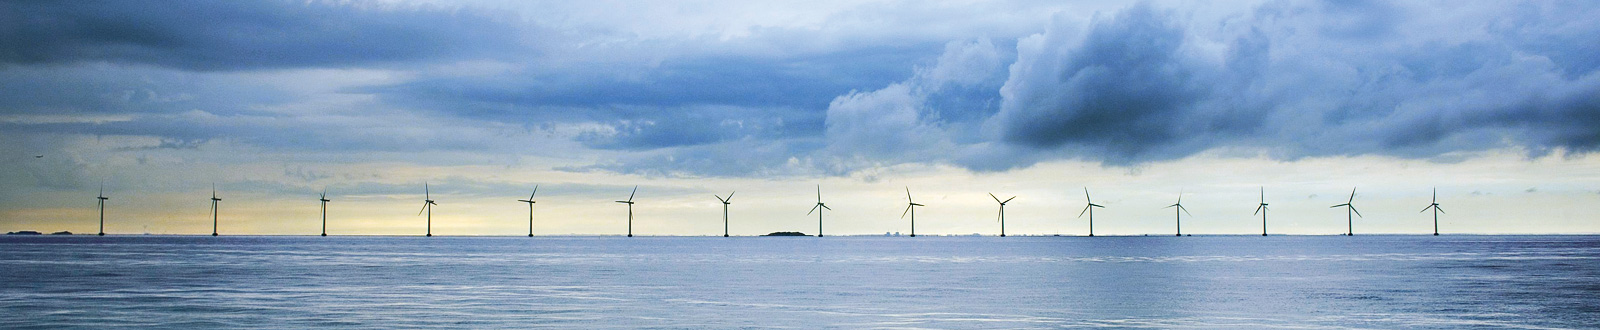 1_offshorewind_330